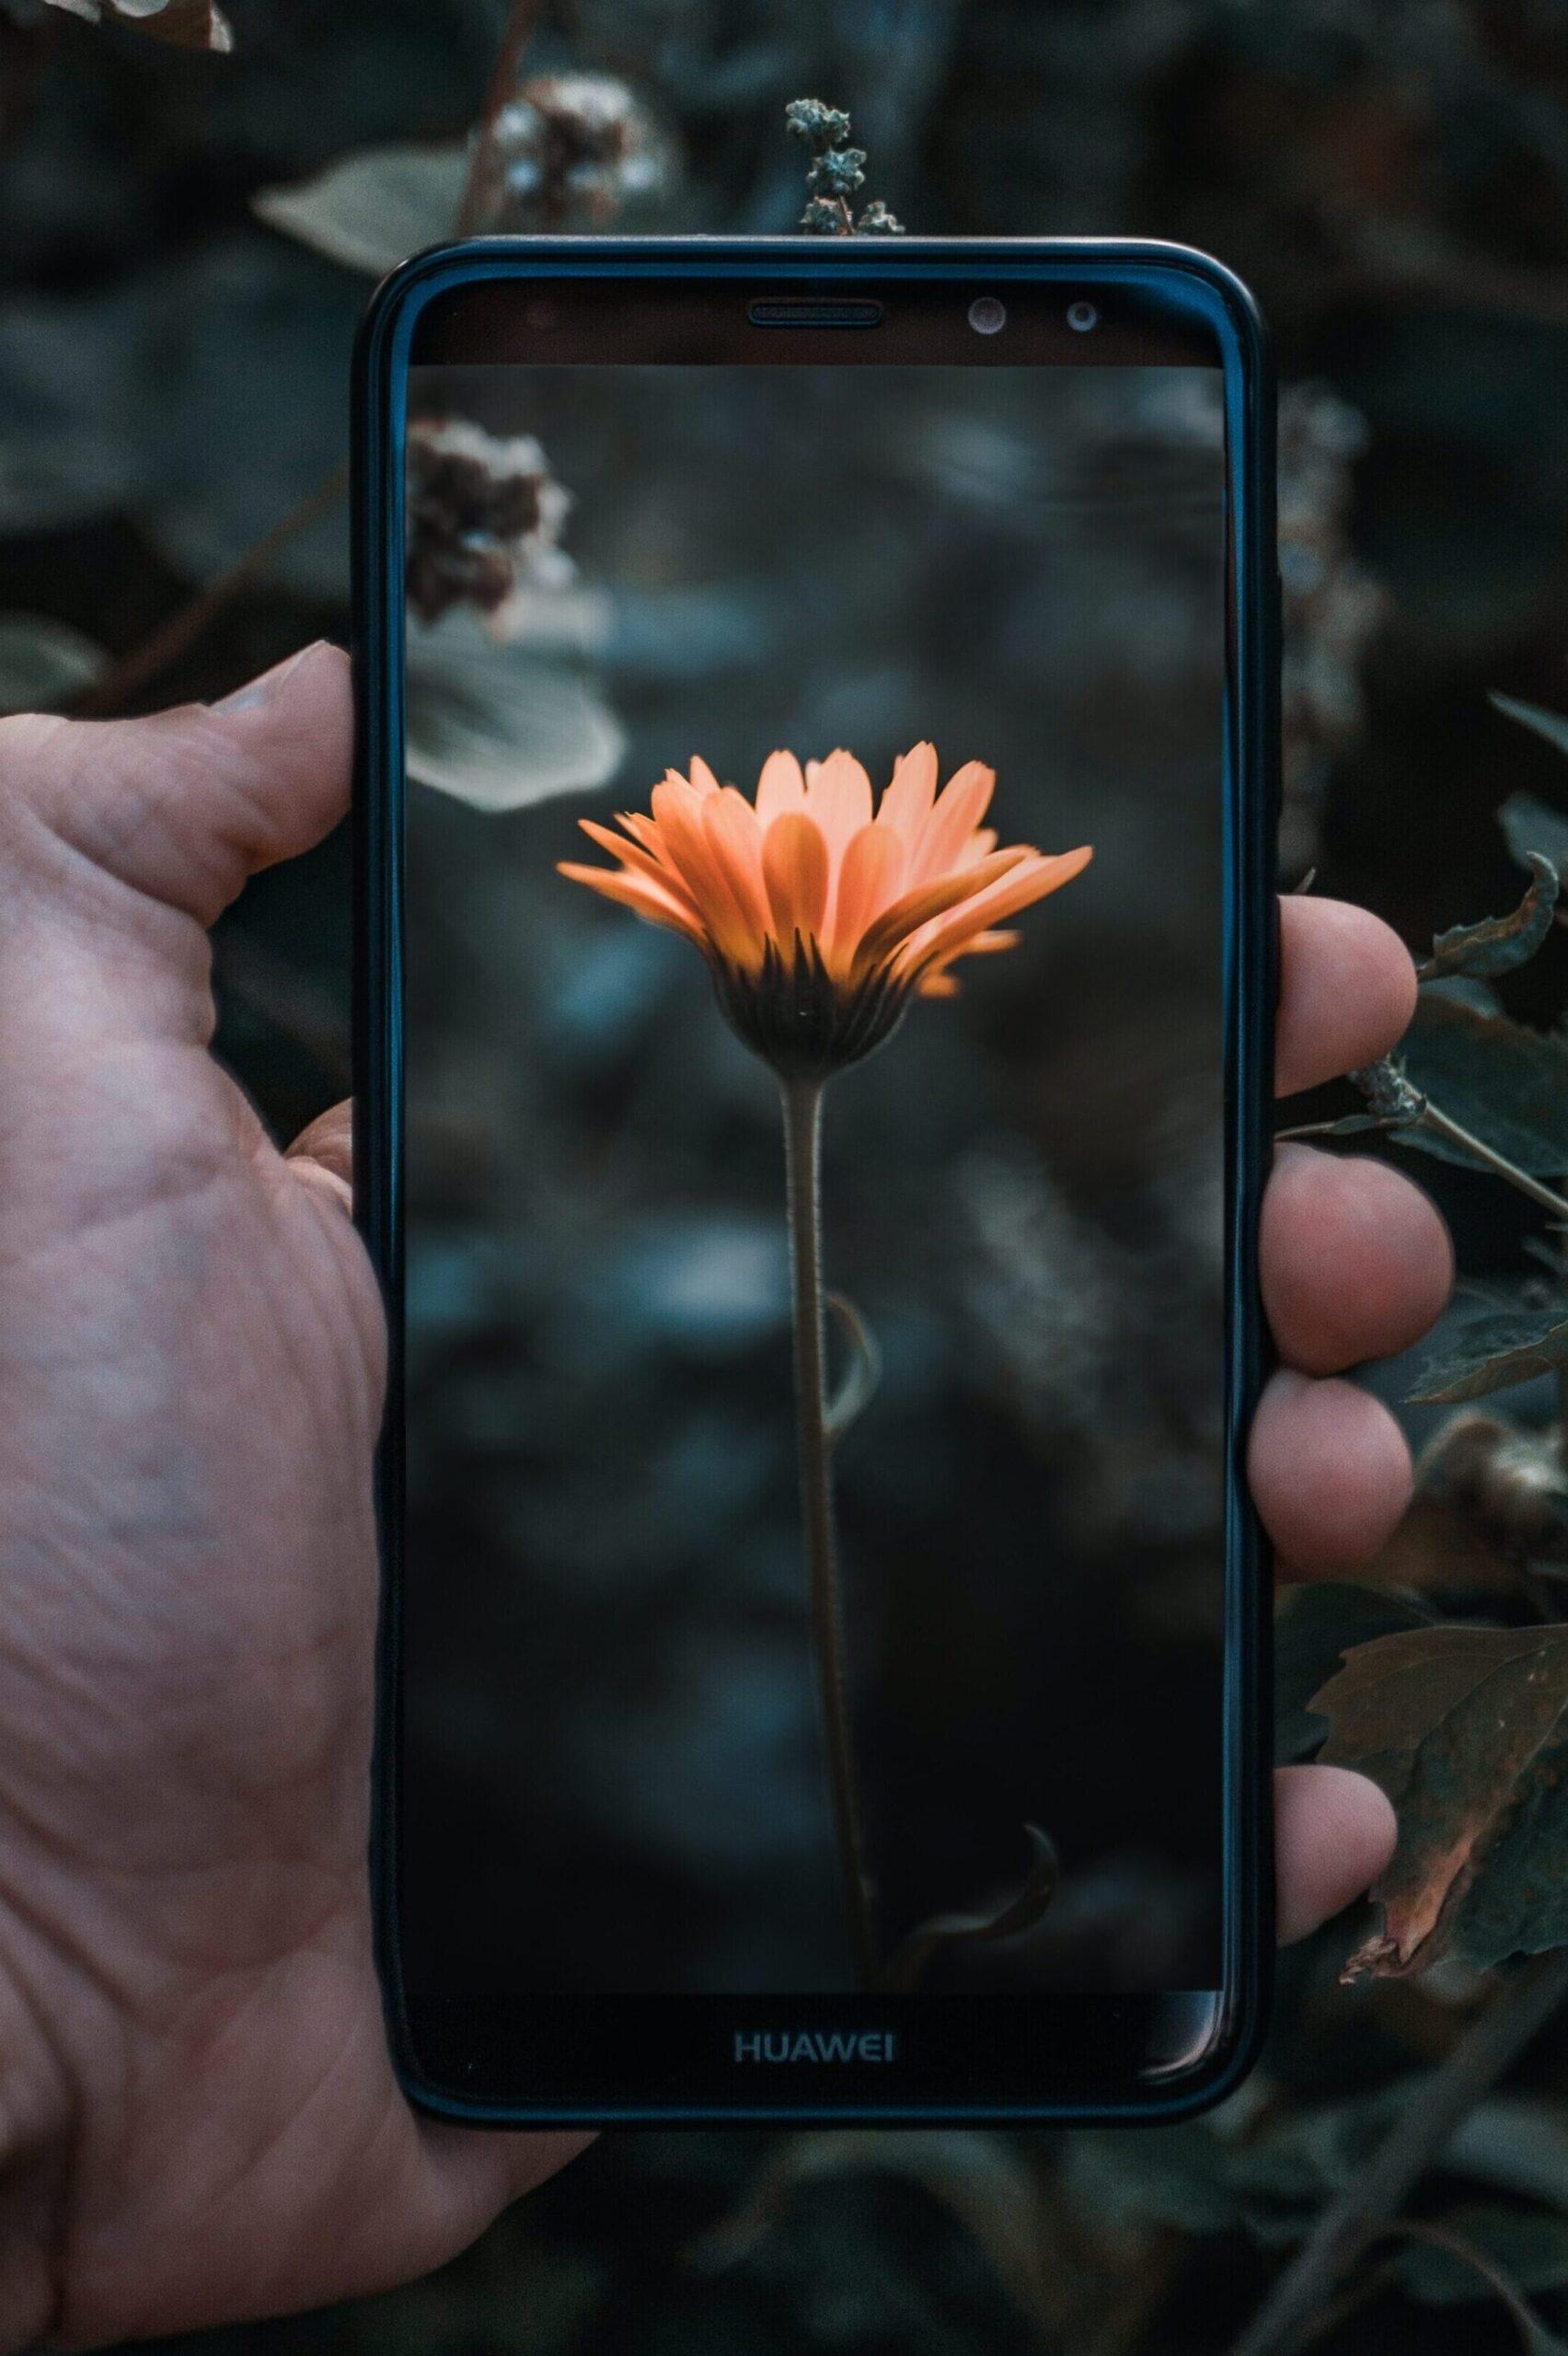 Flower on phone